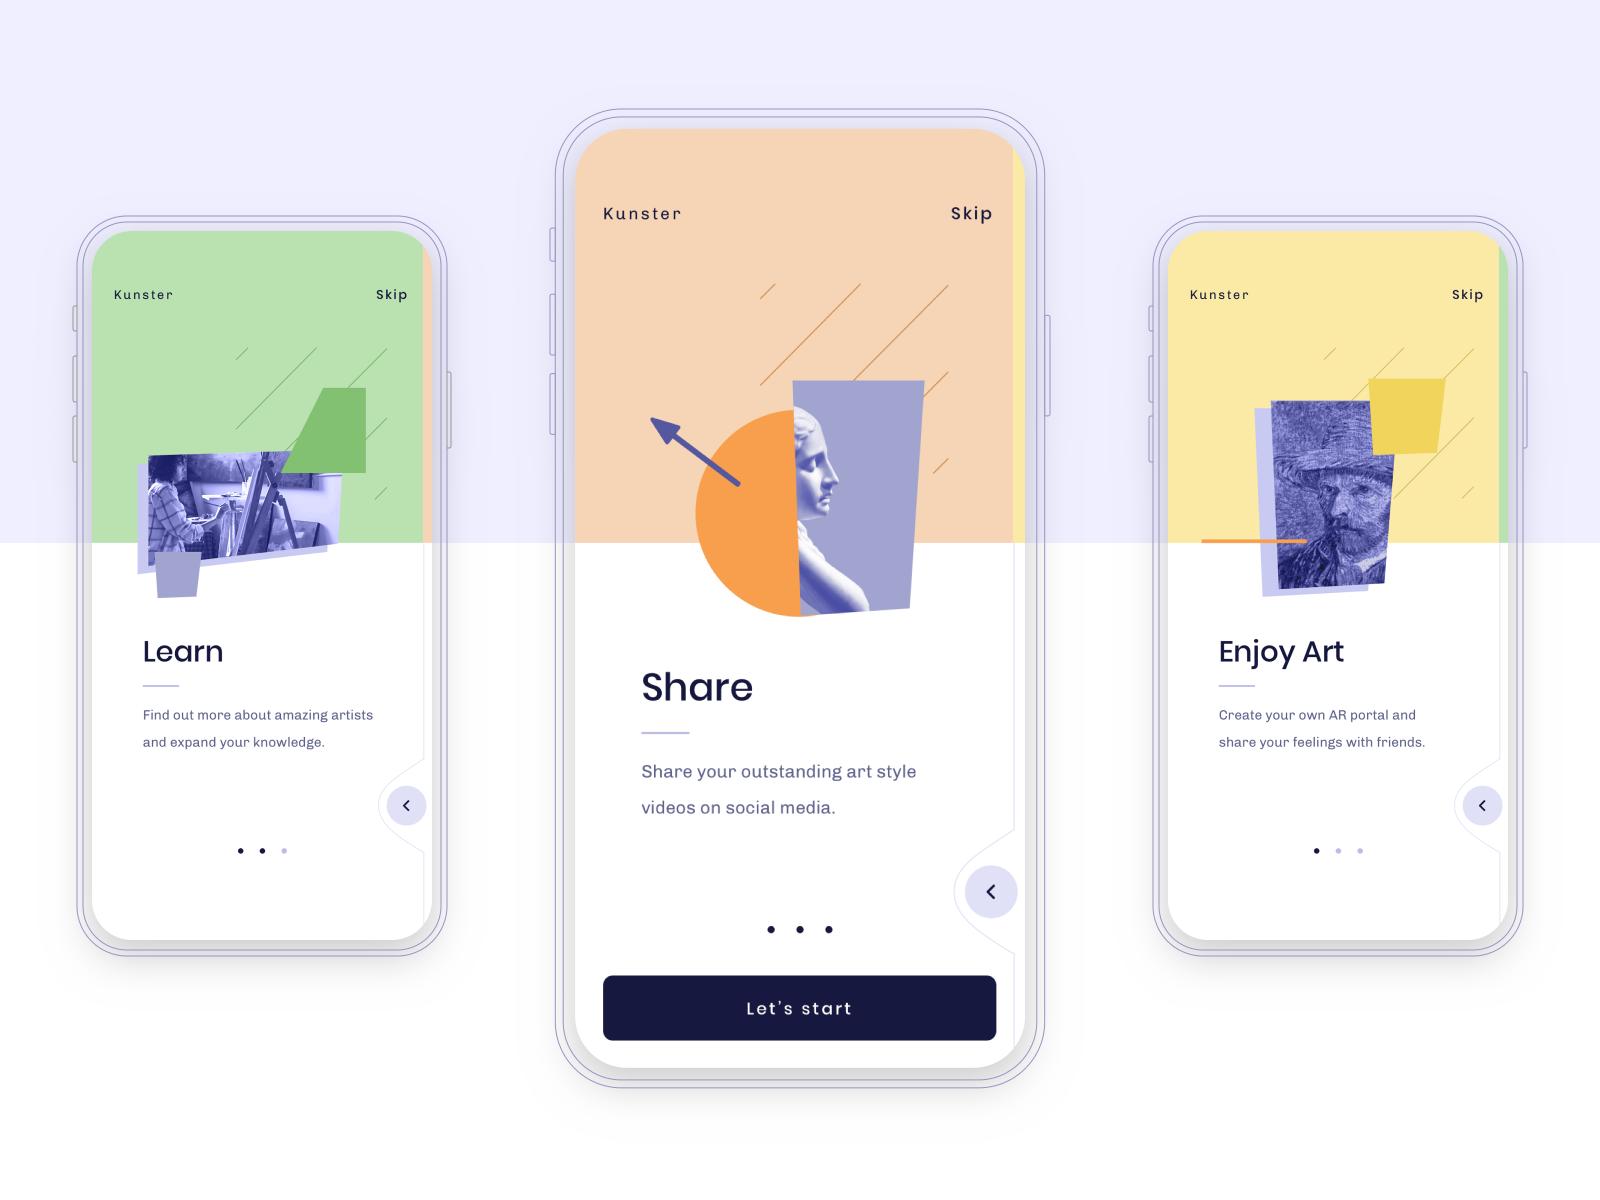 Kunster AR App - Onboarding by Piotr Swierkowski for Netguru